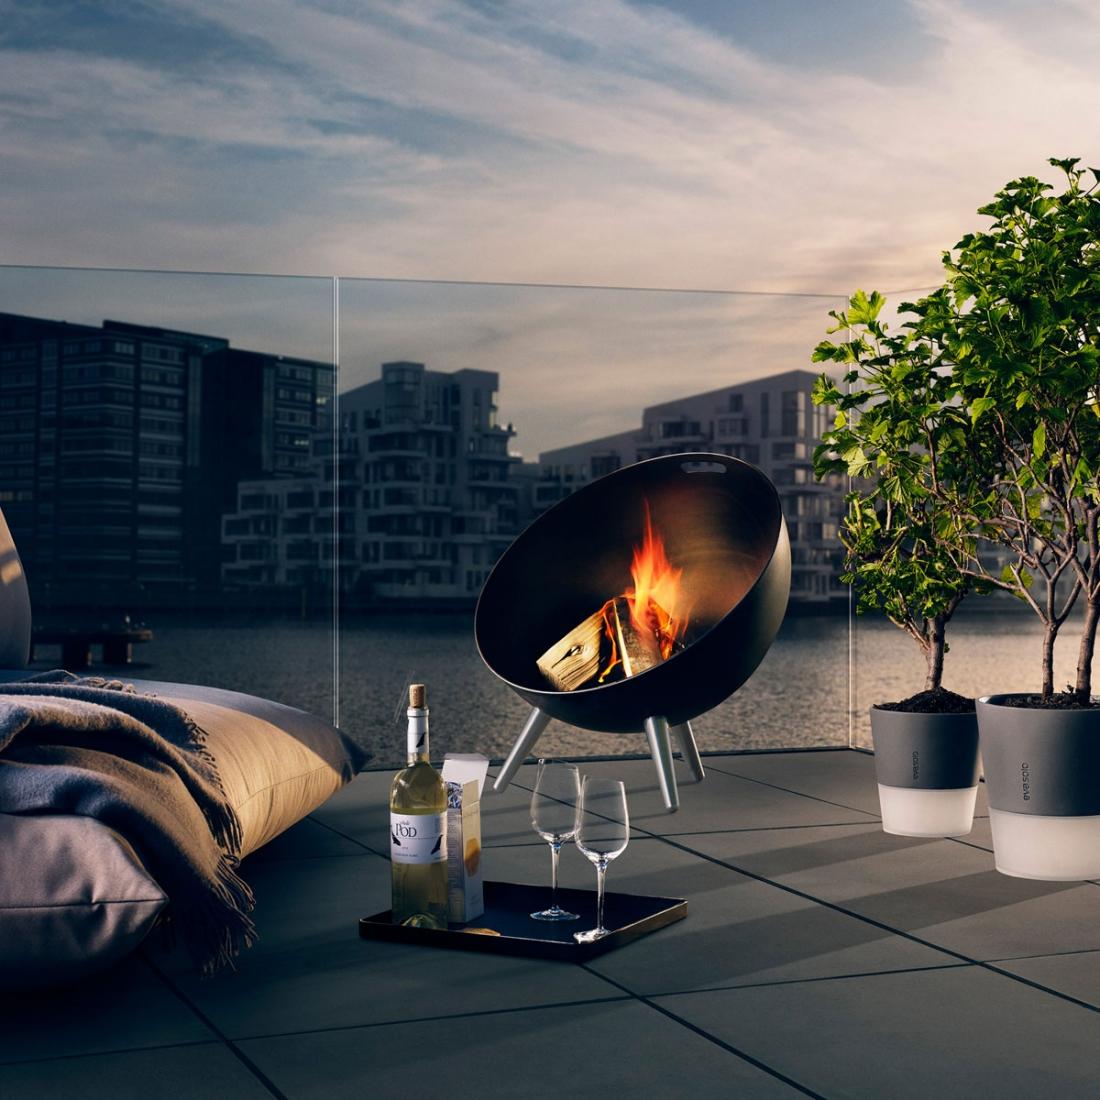 Cuisine exterieure s lection d accessoires design deco for Brasero de jardin